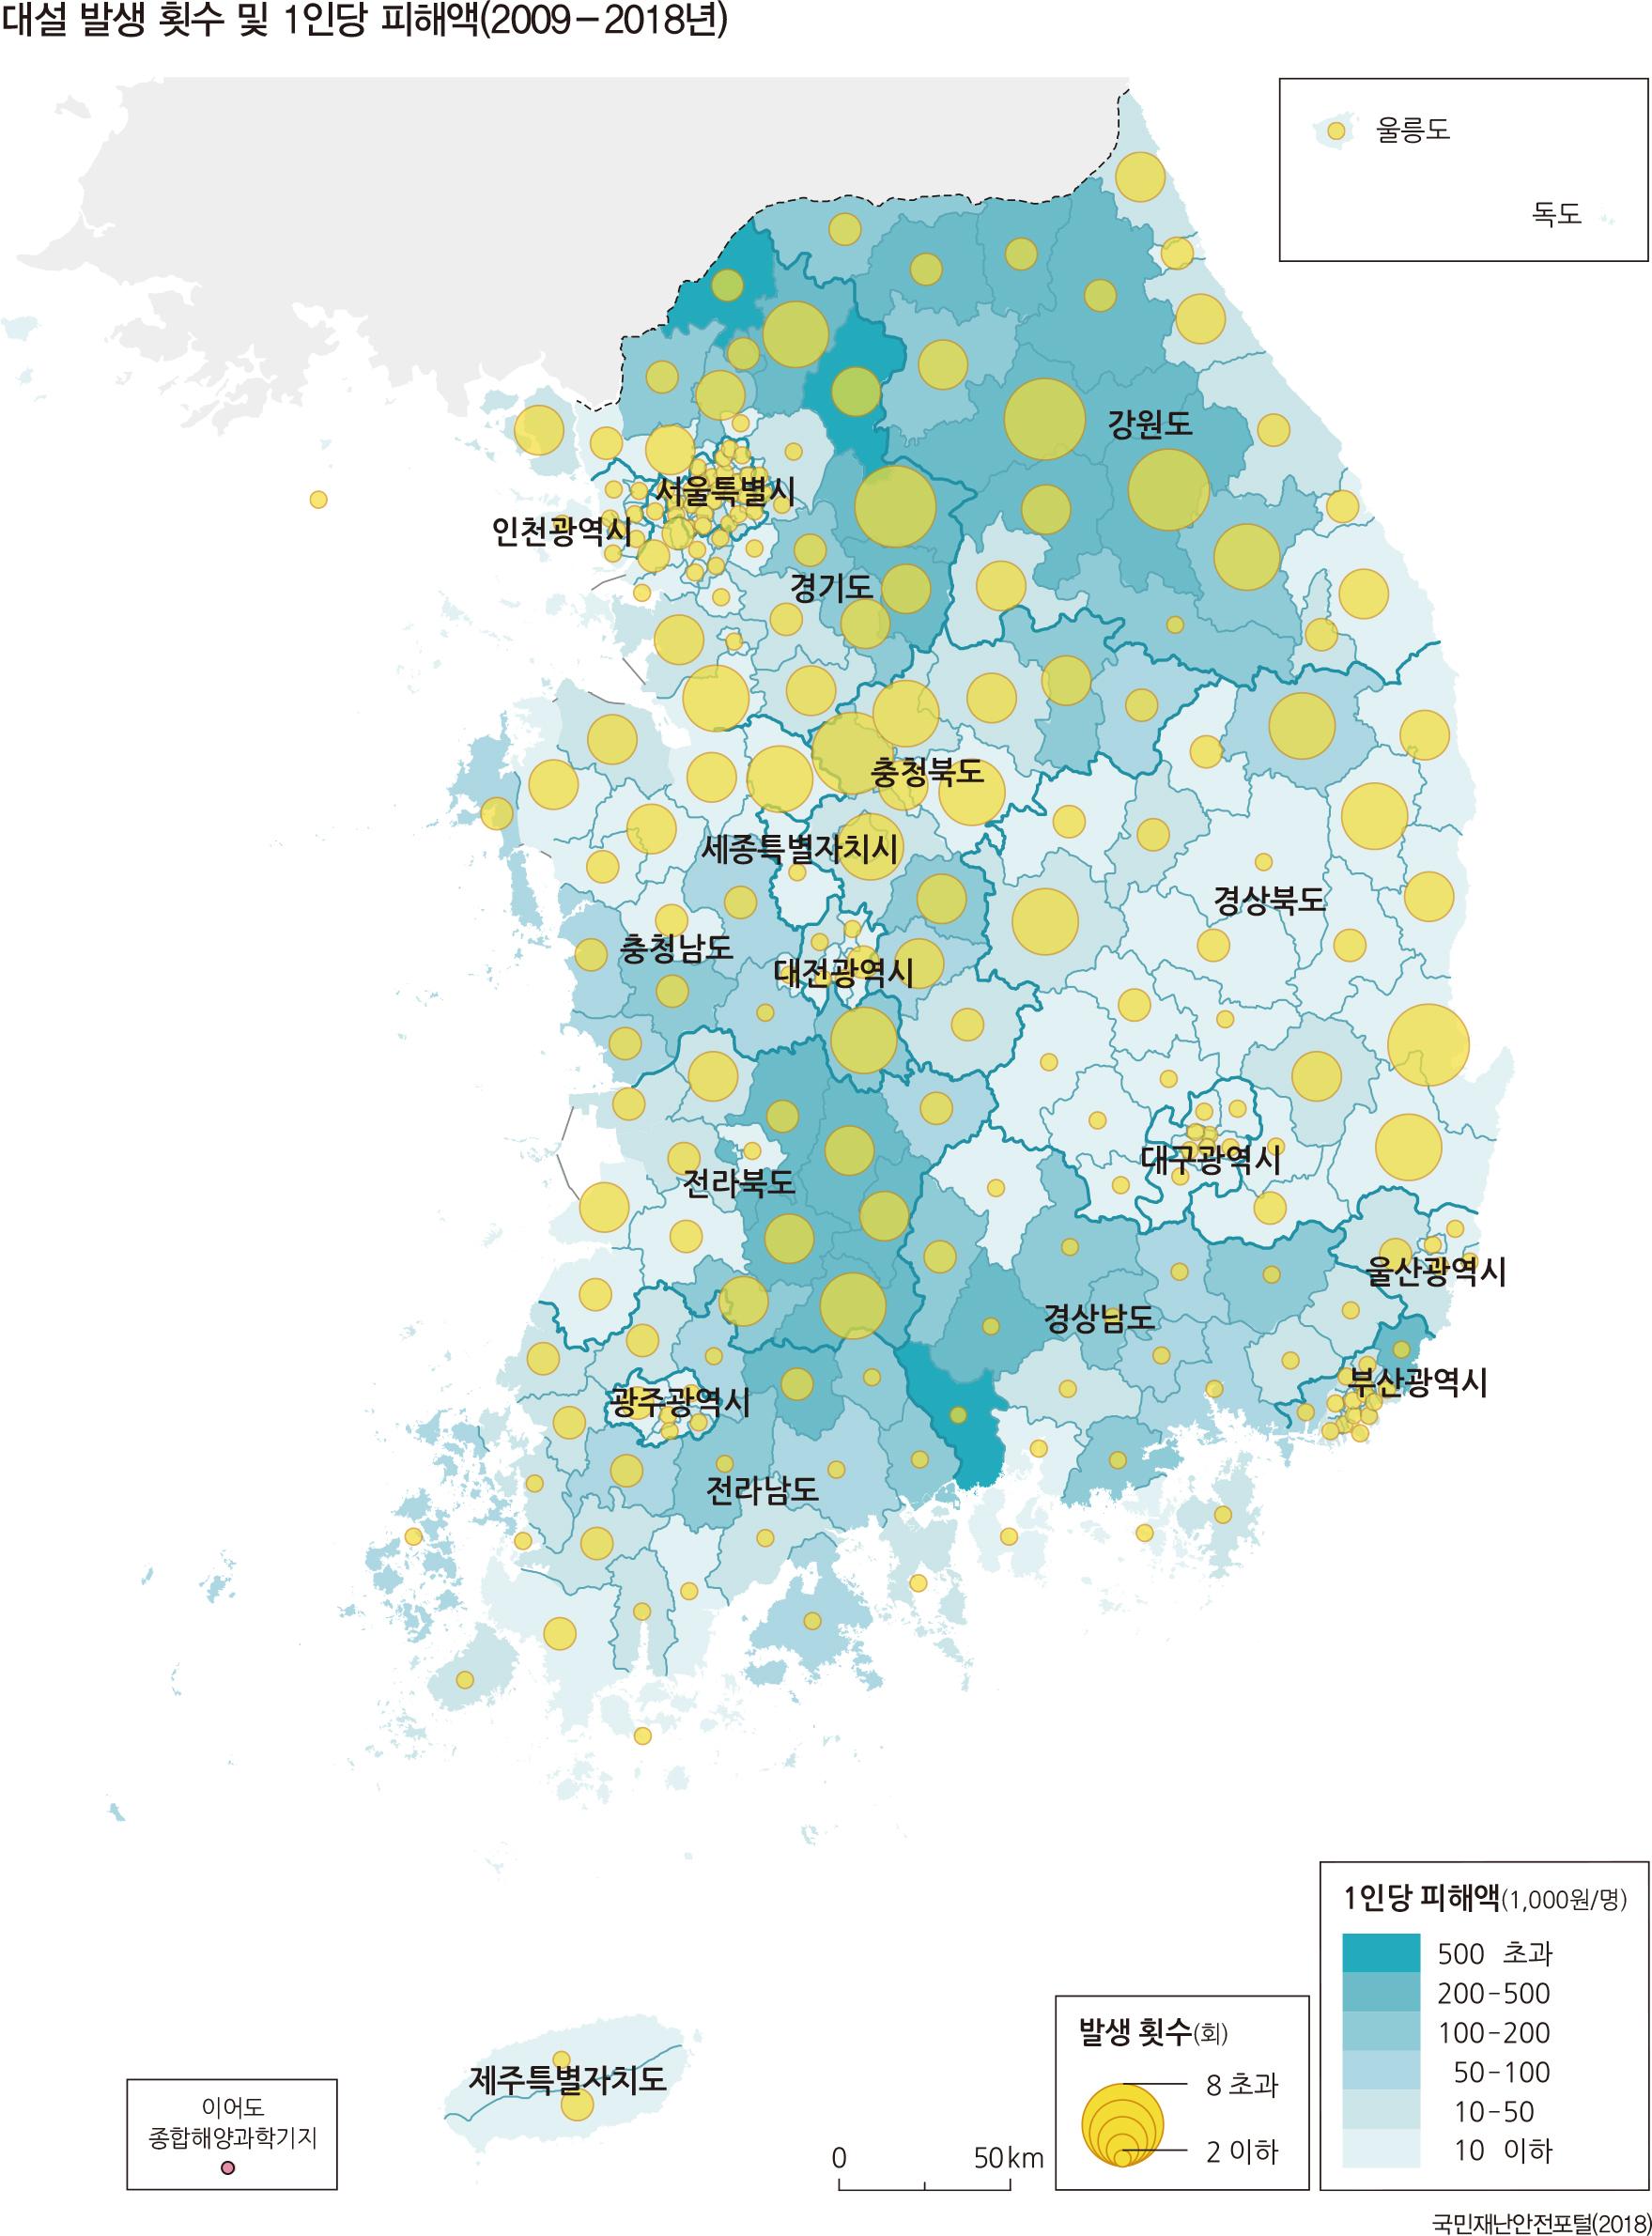 대설 발생 횟수 및 1인당 피해액(2009-2018년)